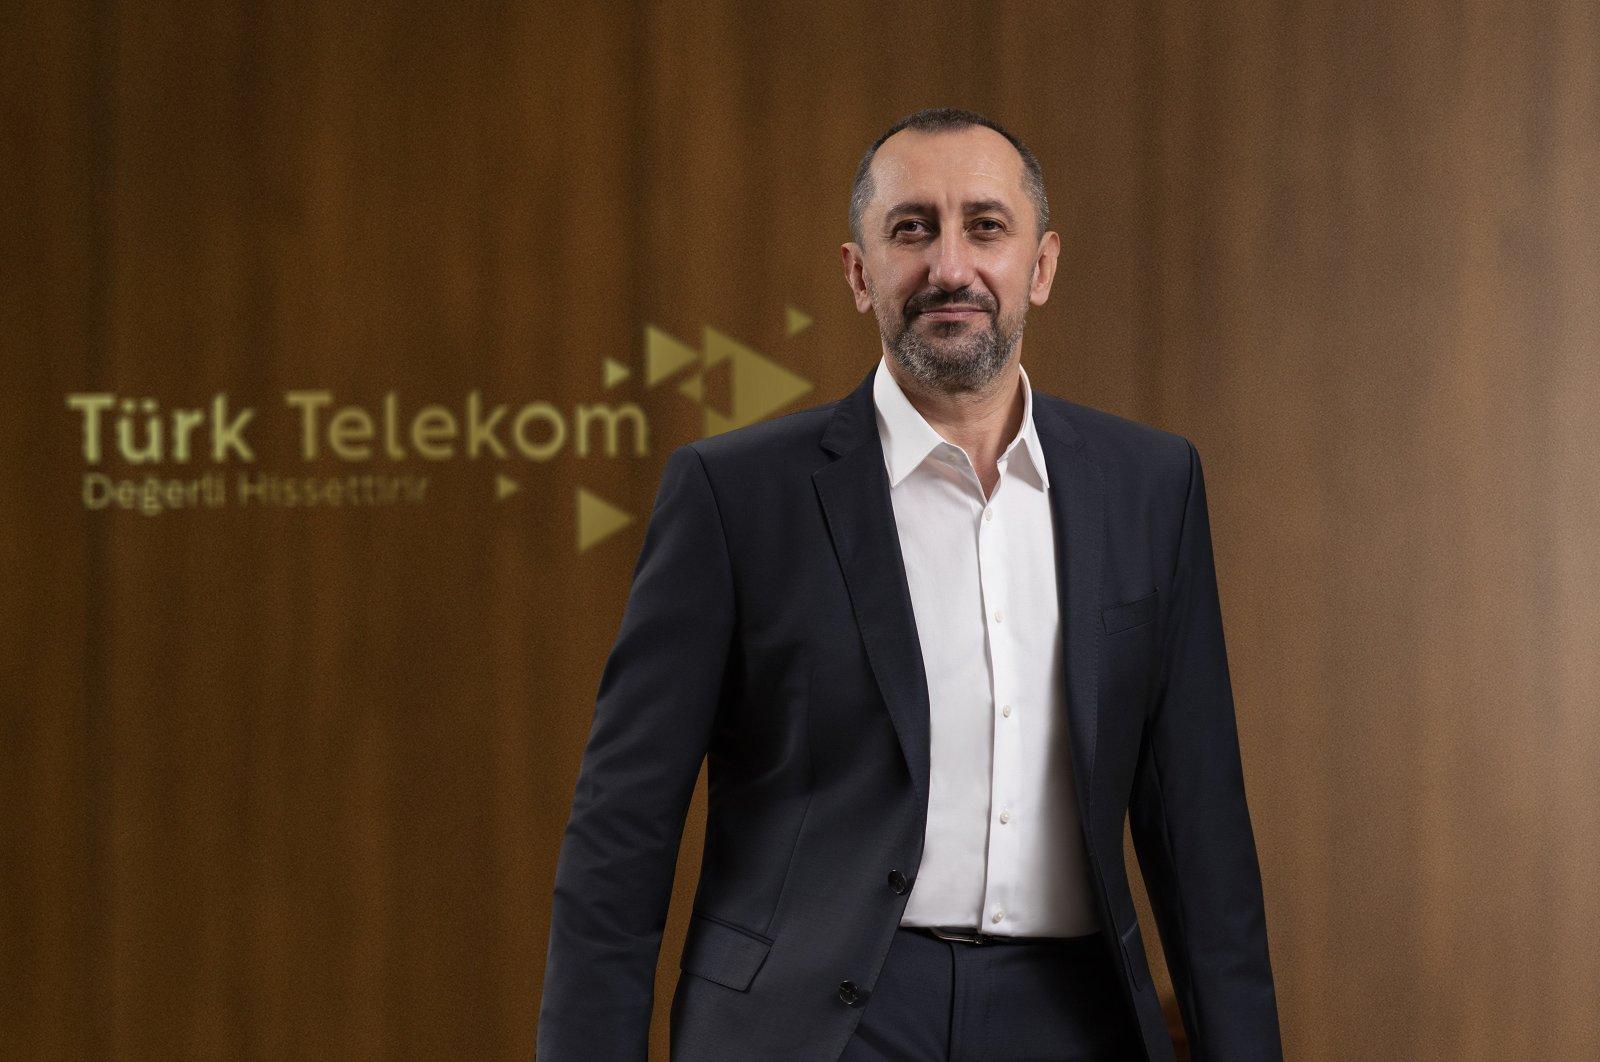 Türk Telekom CEO Ümit Önal in this photo provided on Jan. 13, 2021. (Courtesy of Türk Telekom)